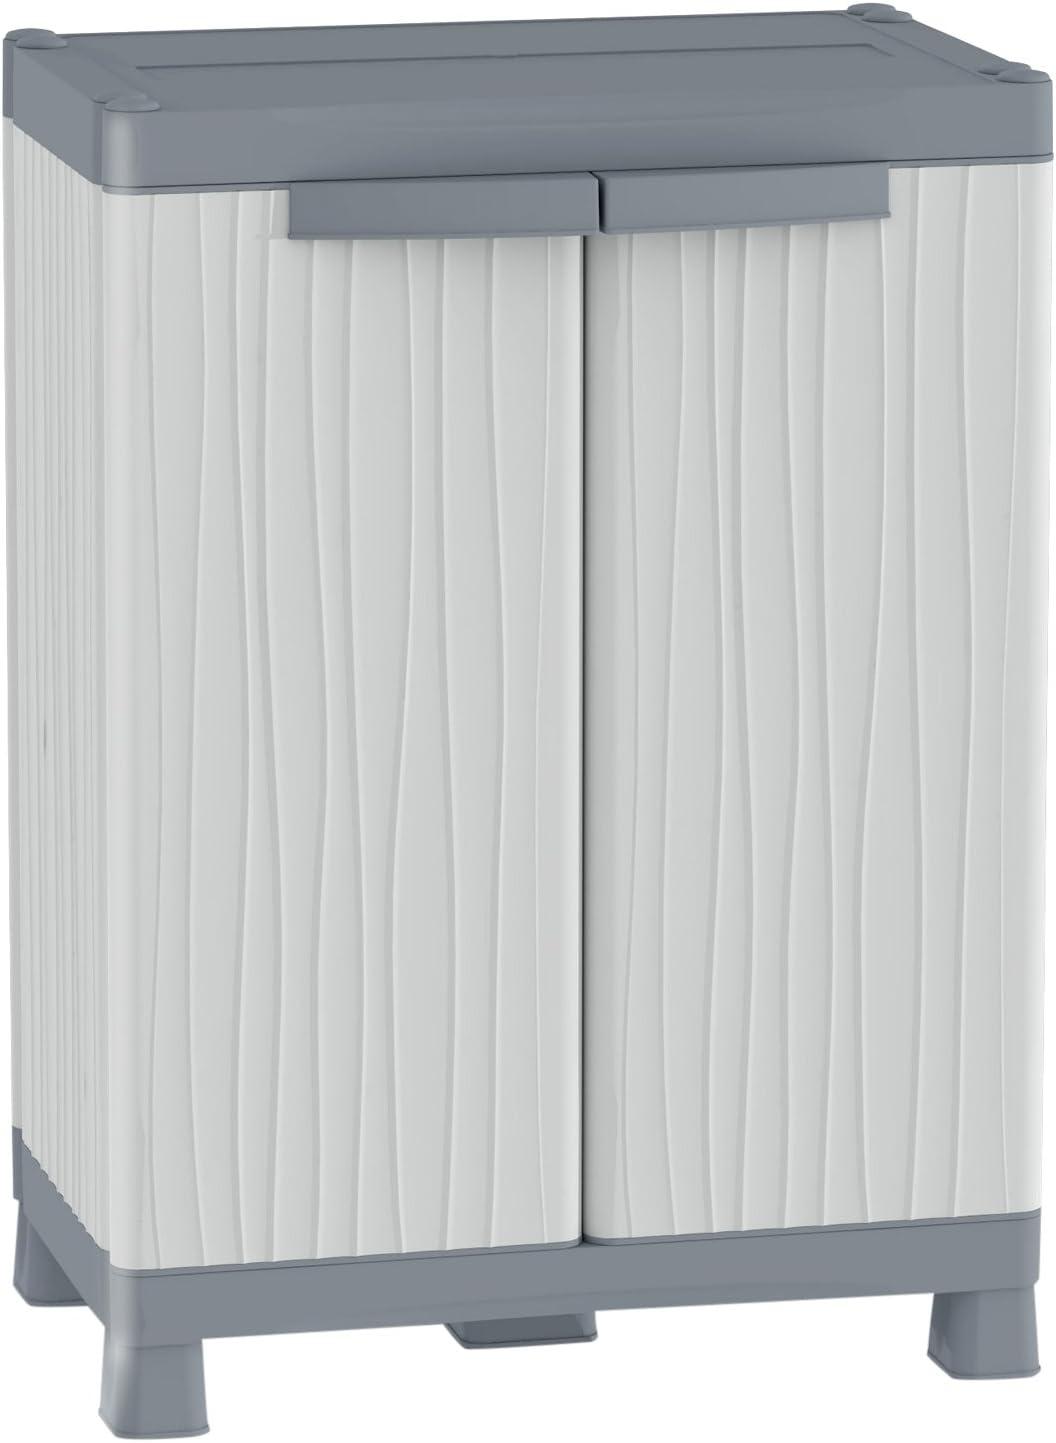 Terry - Armario de dos Puertas con 2 Baldas Regulables y 2 Compartimientos, Plastico